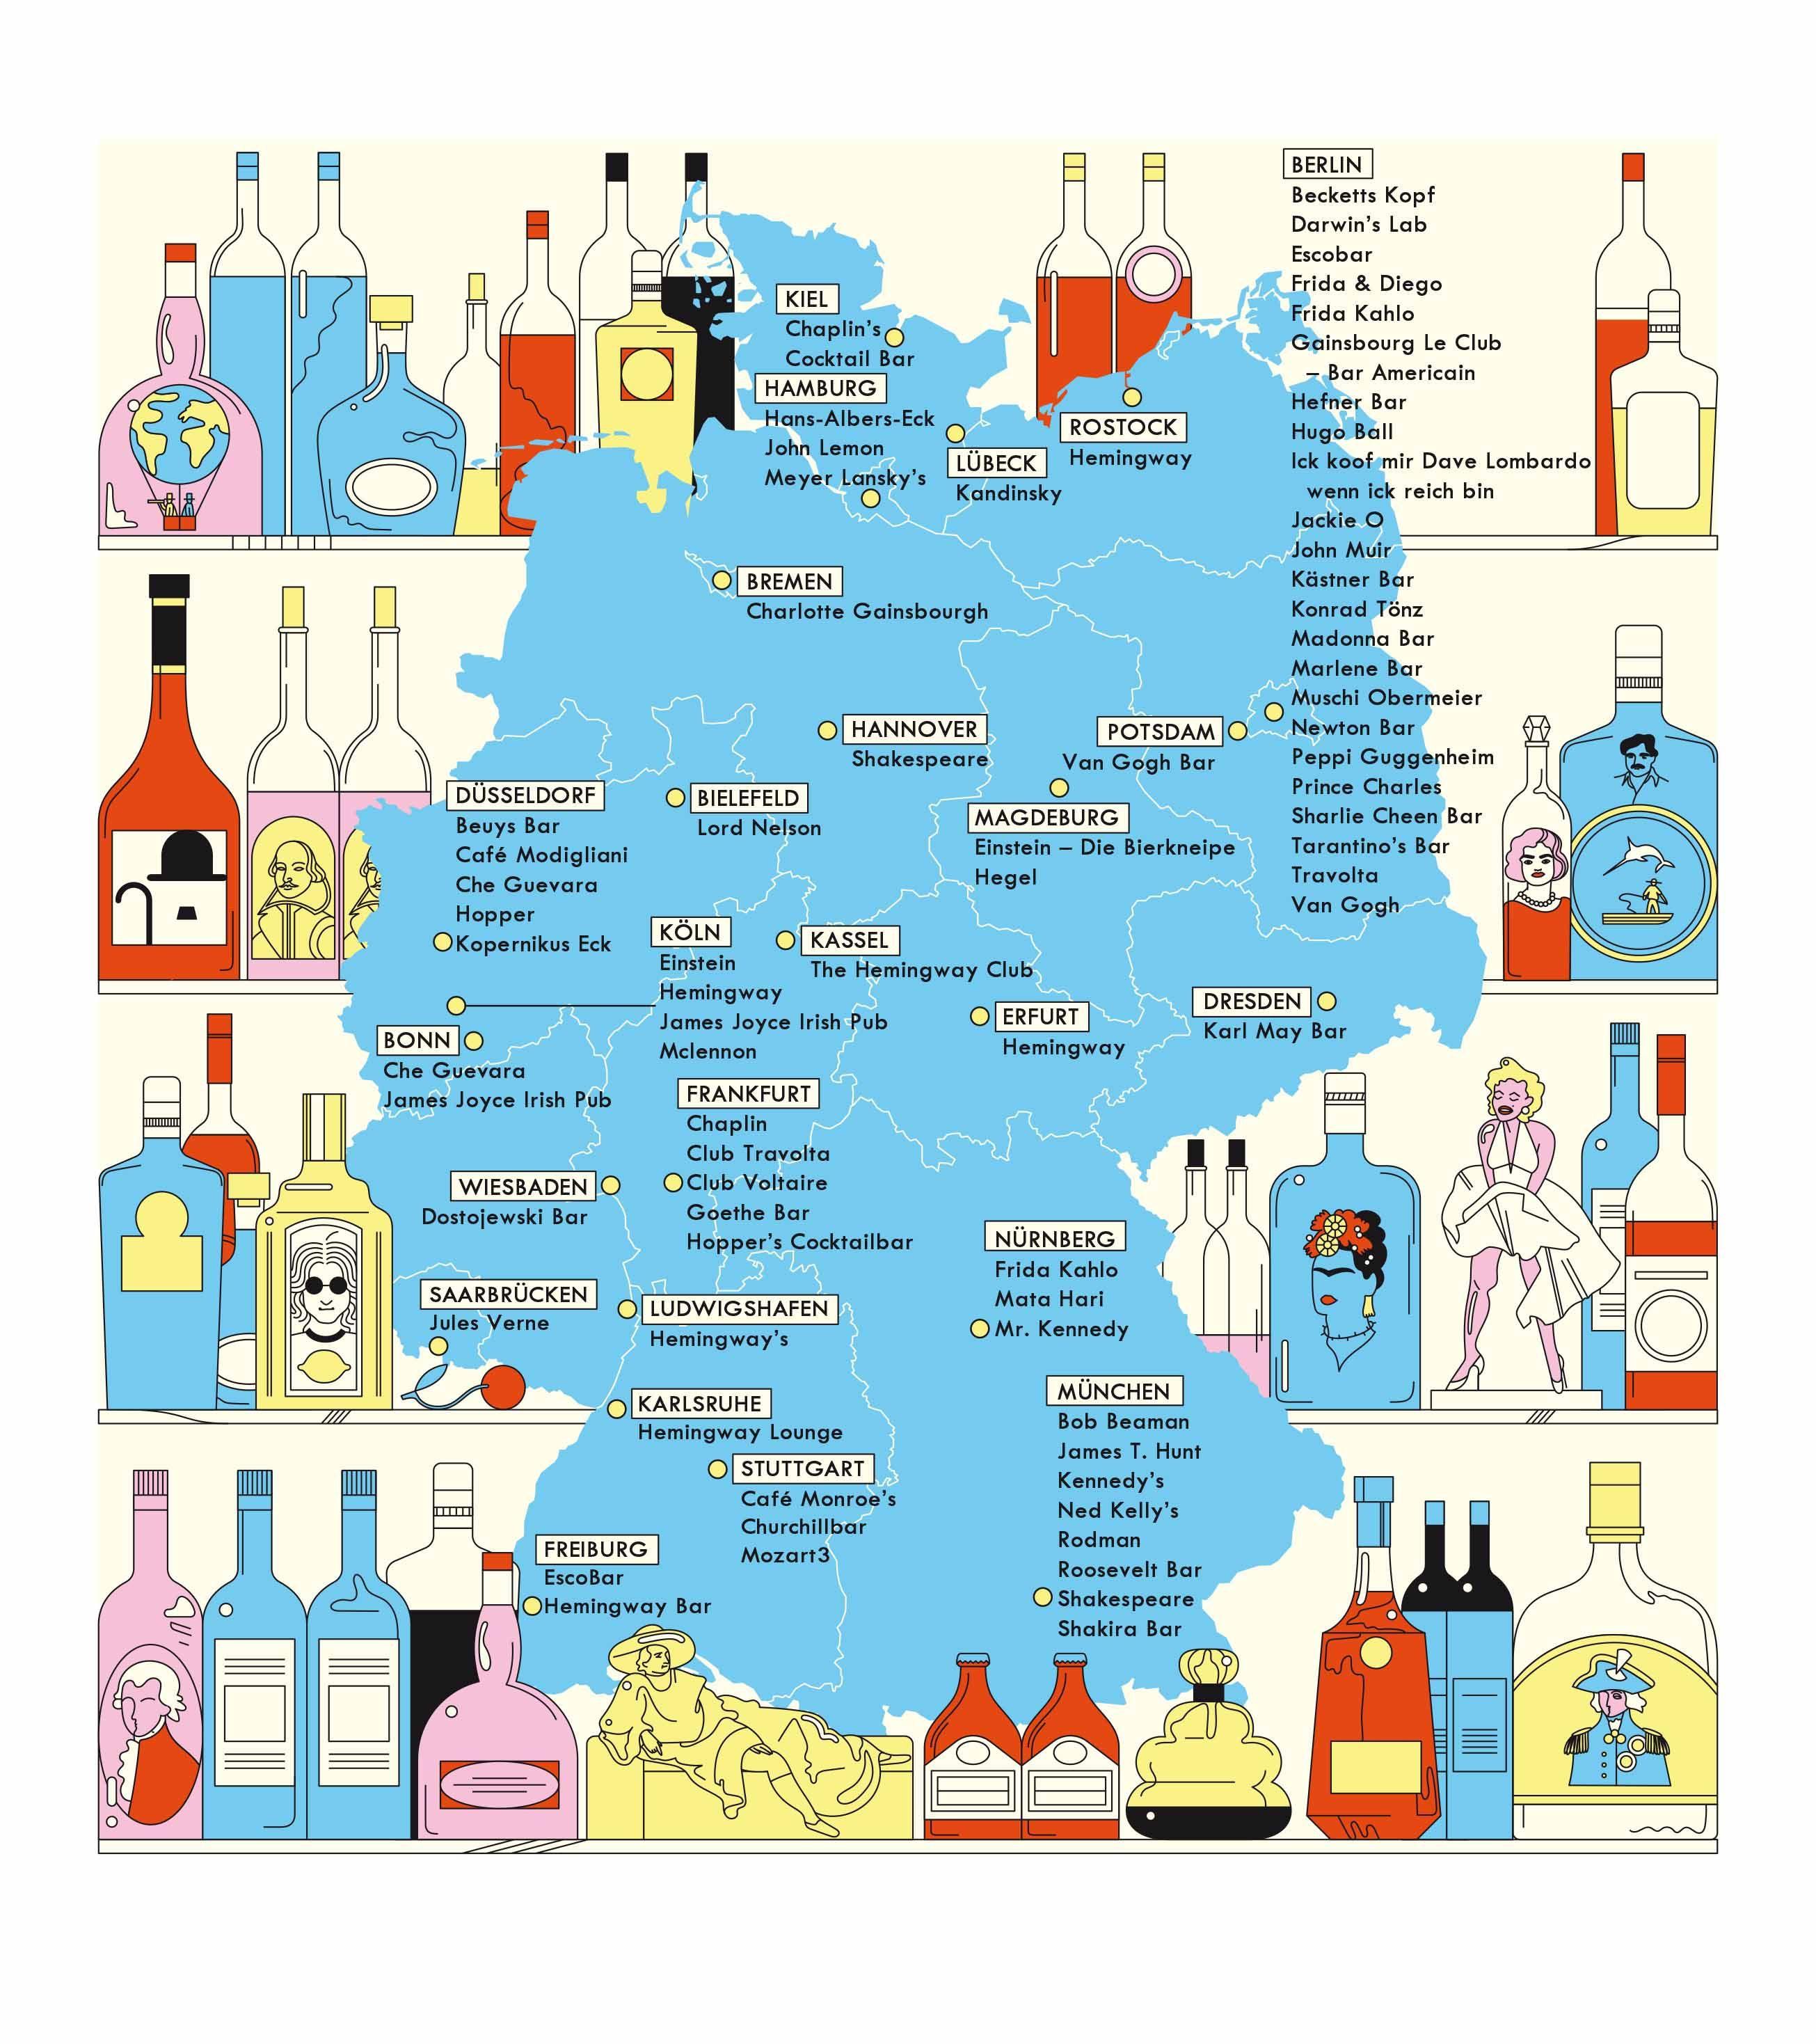 Deutschlandkarte 37 17 Lokale Die Nach Prominenten Benannt Sind